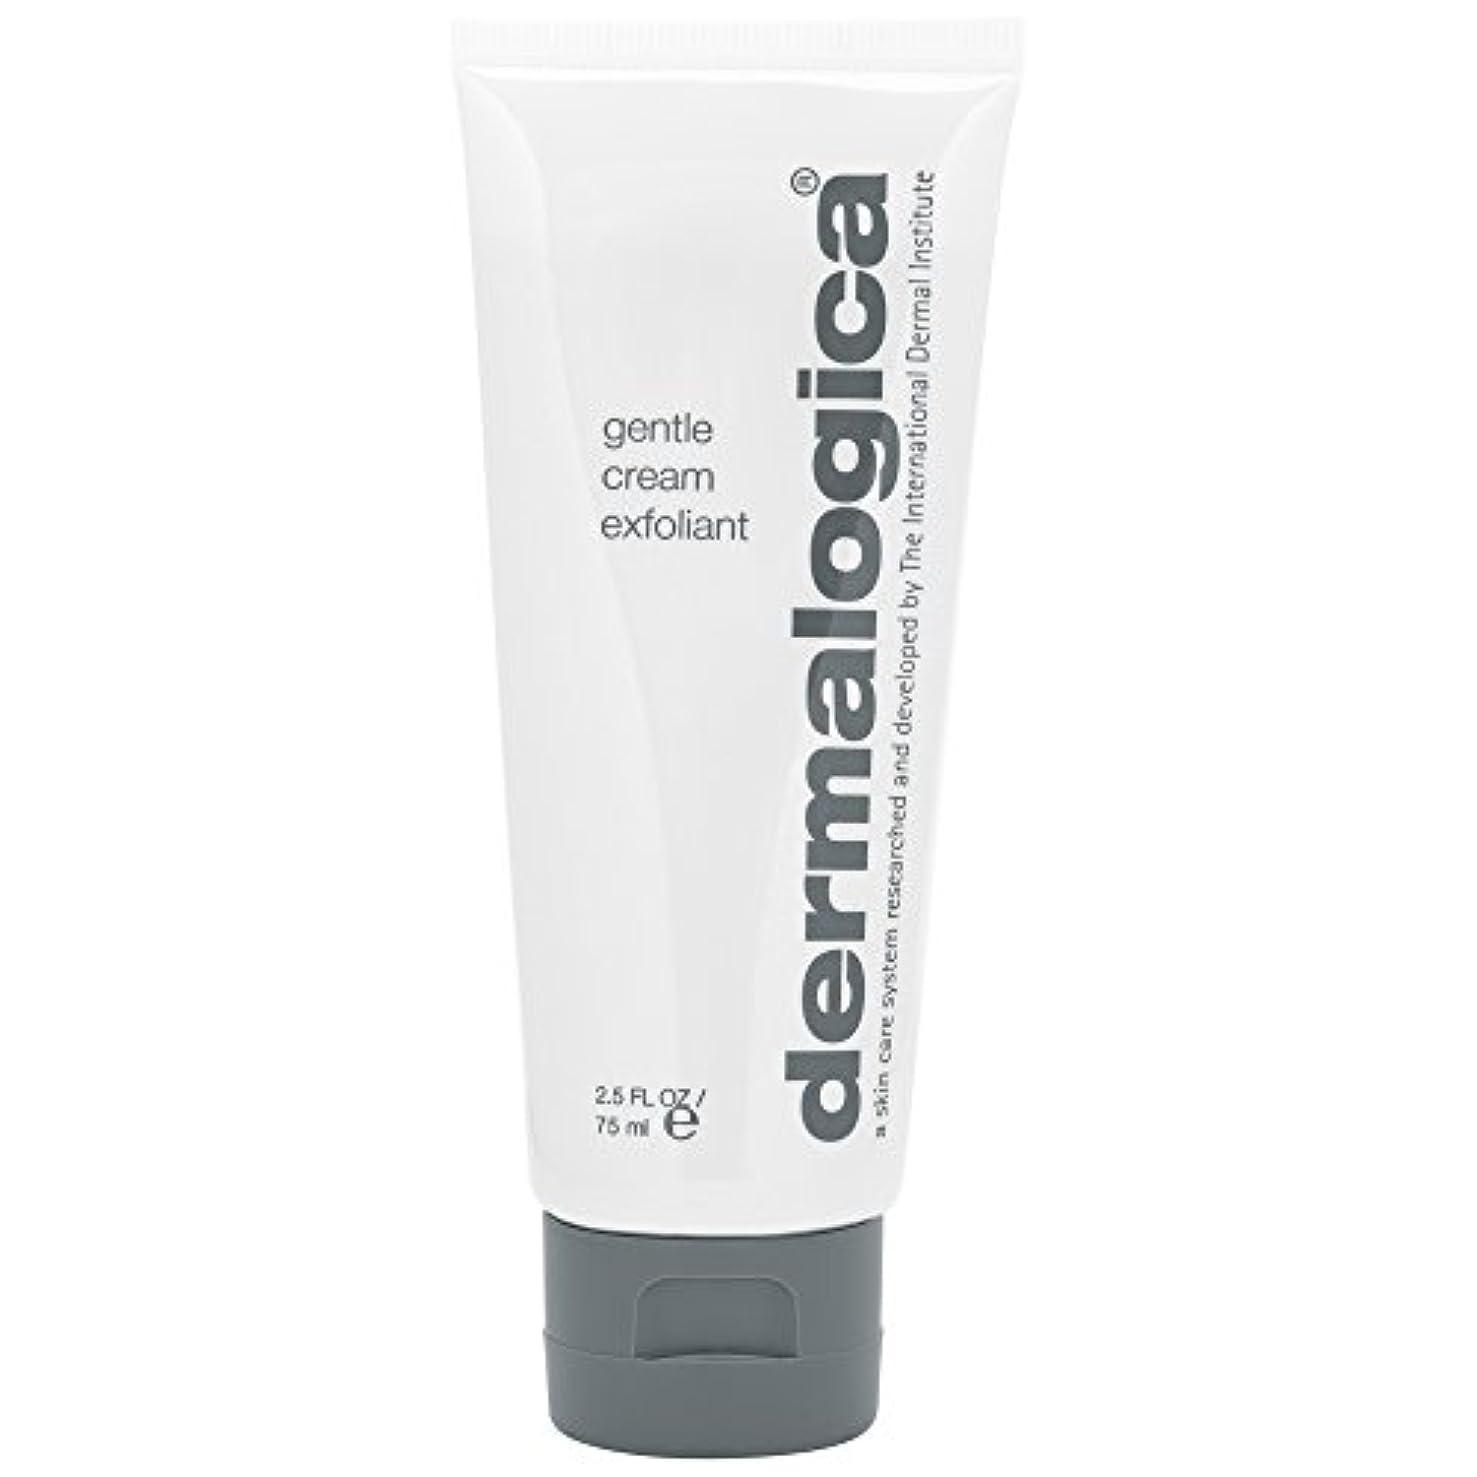 見物人素敵なパンダーマロジカ優しいクリーム剥脱75ミリリットル (Dermalogica) - Dermalogica Gentle Cream Exfoliant 75ml [並行輸入品]